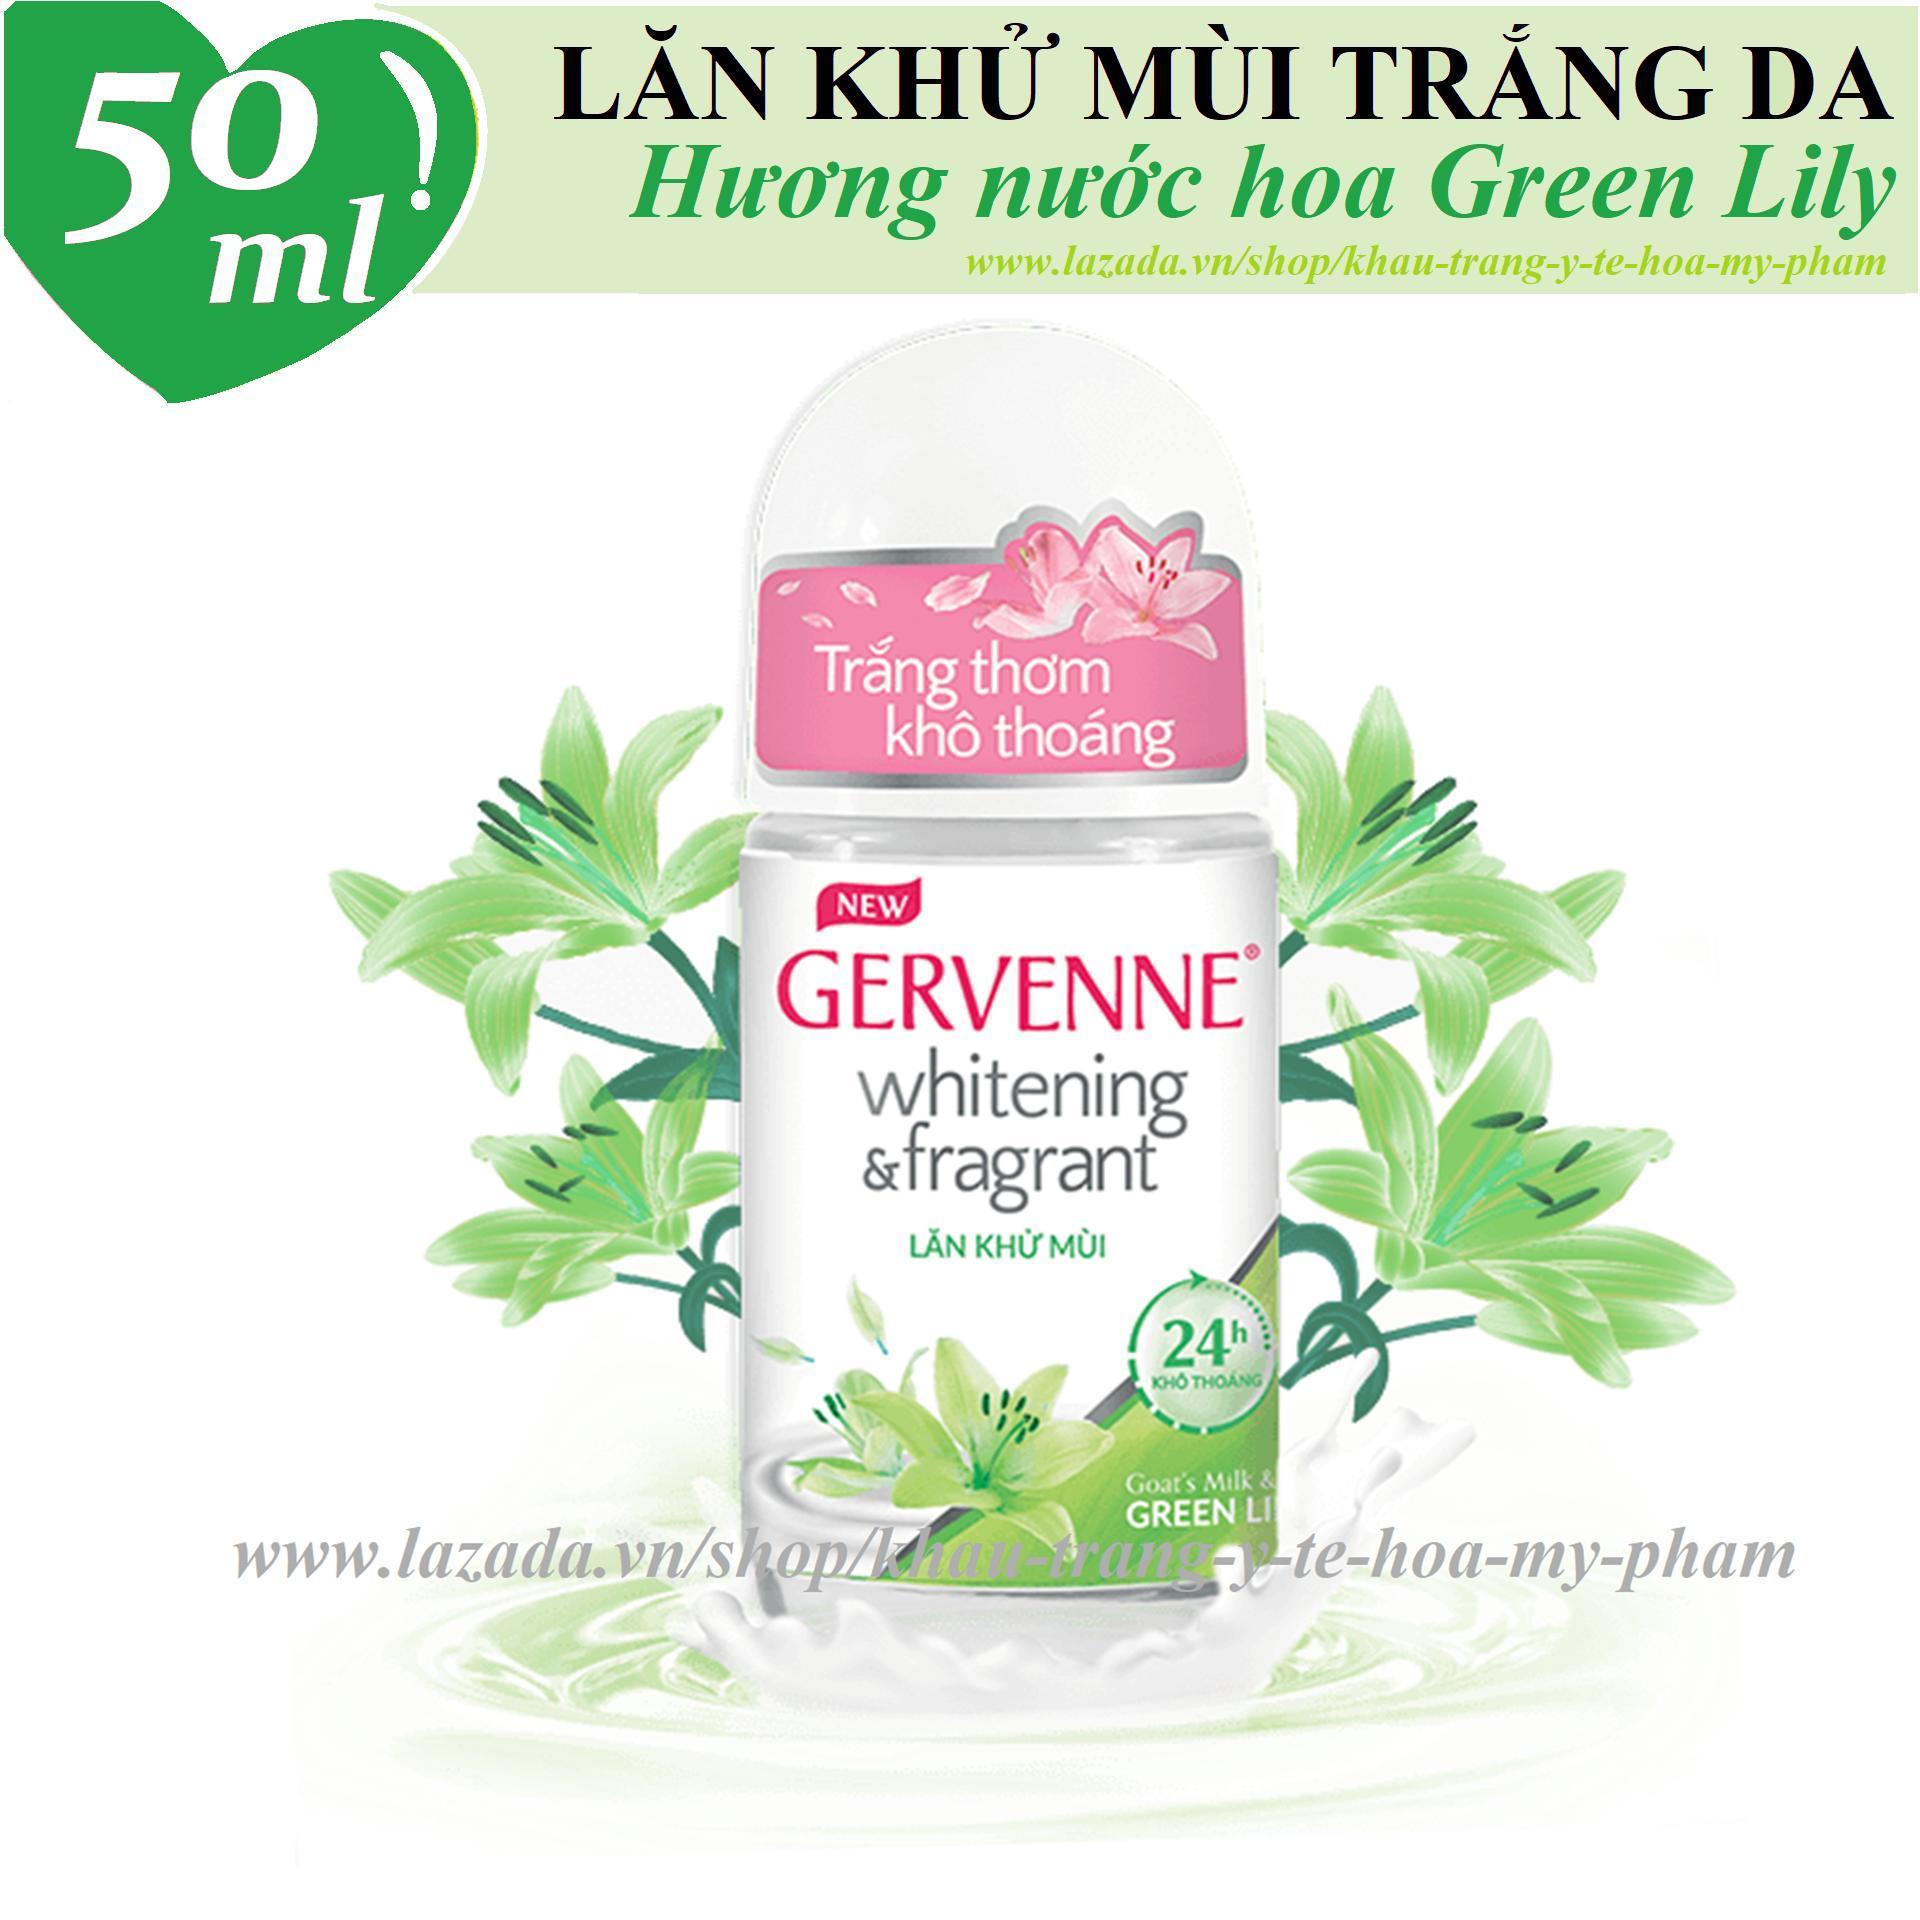 Gervenne - Lăn khử mùi trắng da hương nước hoa Lily xanh 50 ml nhập khẩu